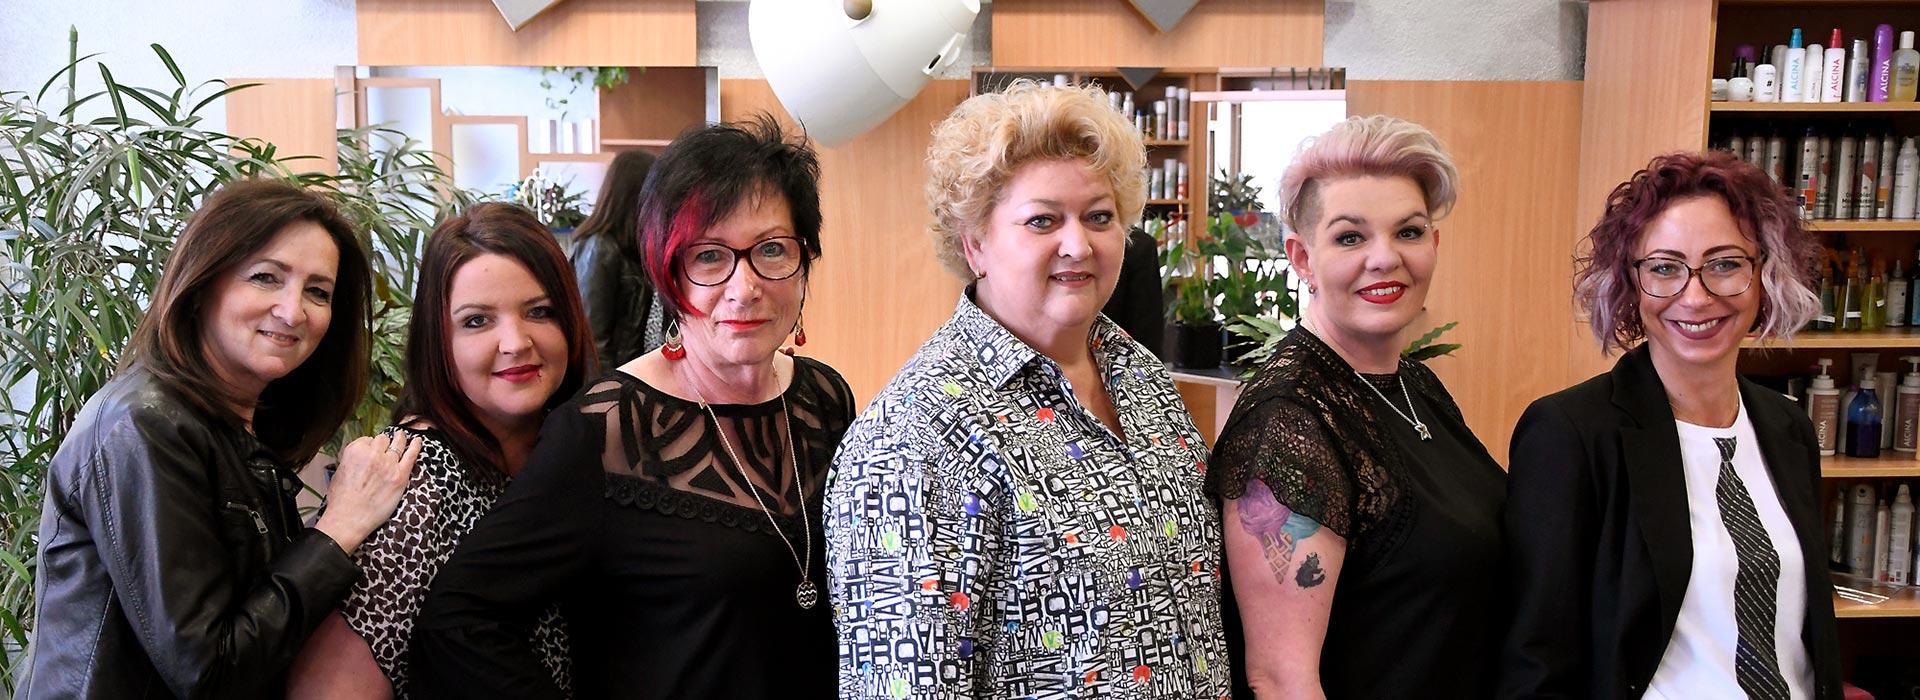 Das Team des Salons Ammon in Gersthofen